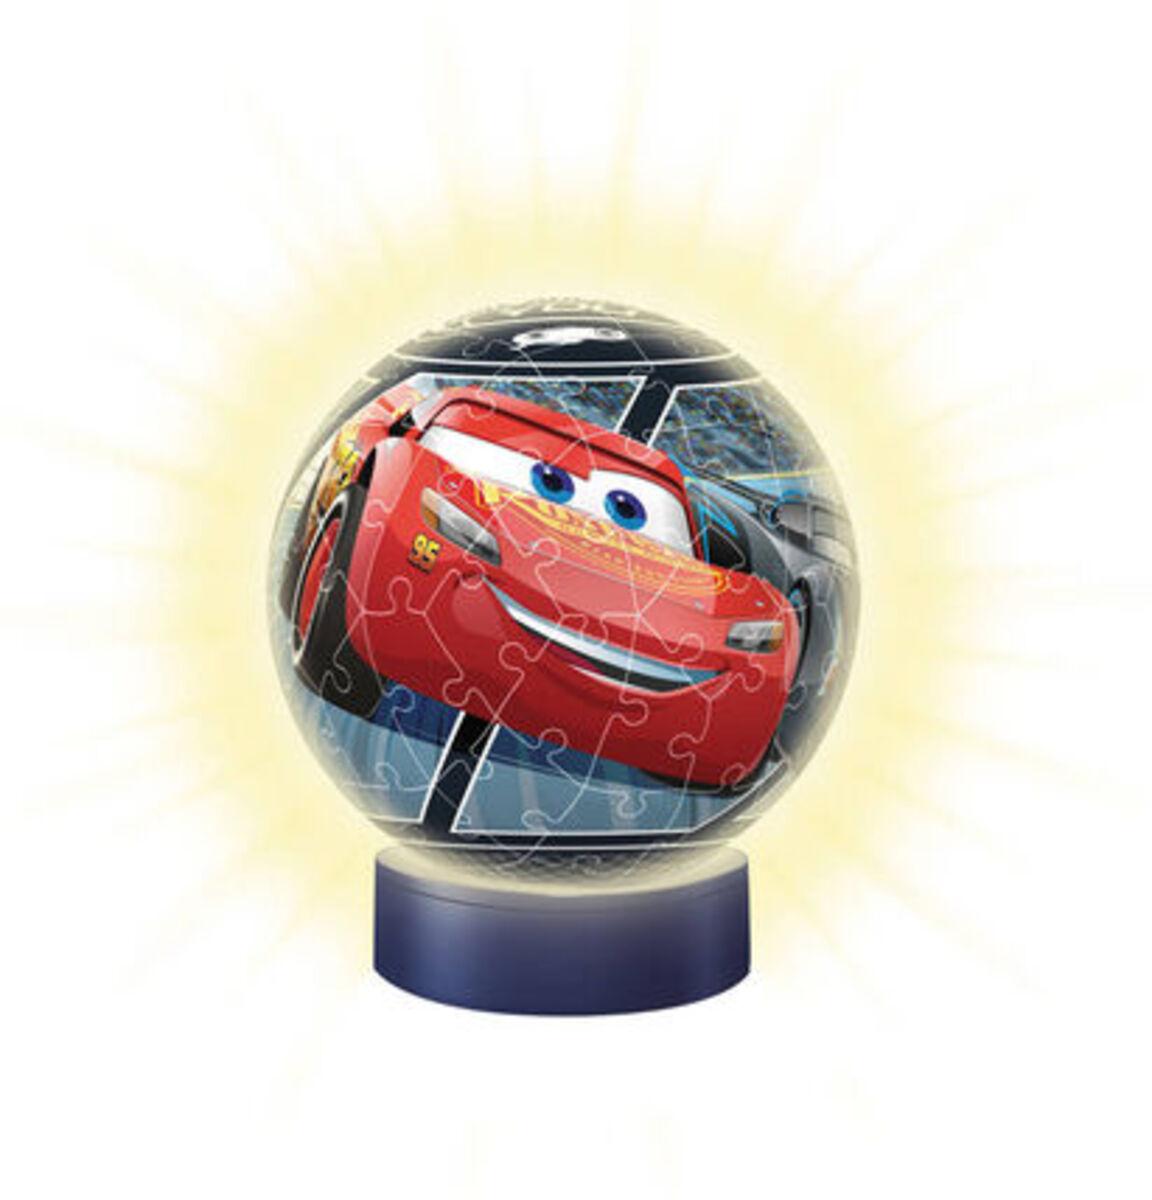 """Bild 2 von Ravensburger 3D Puzzle Ball """"Nachtlicht"""", 72 Teile"""